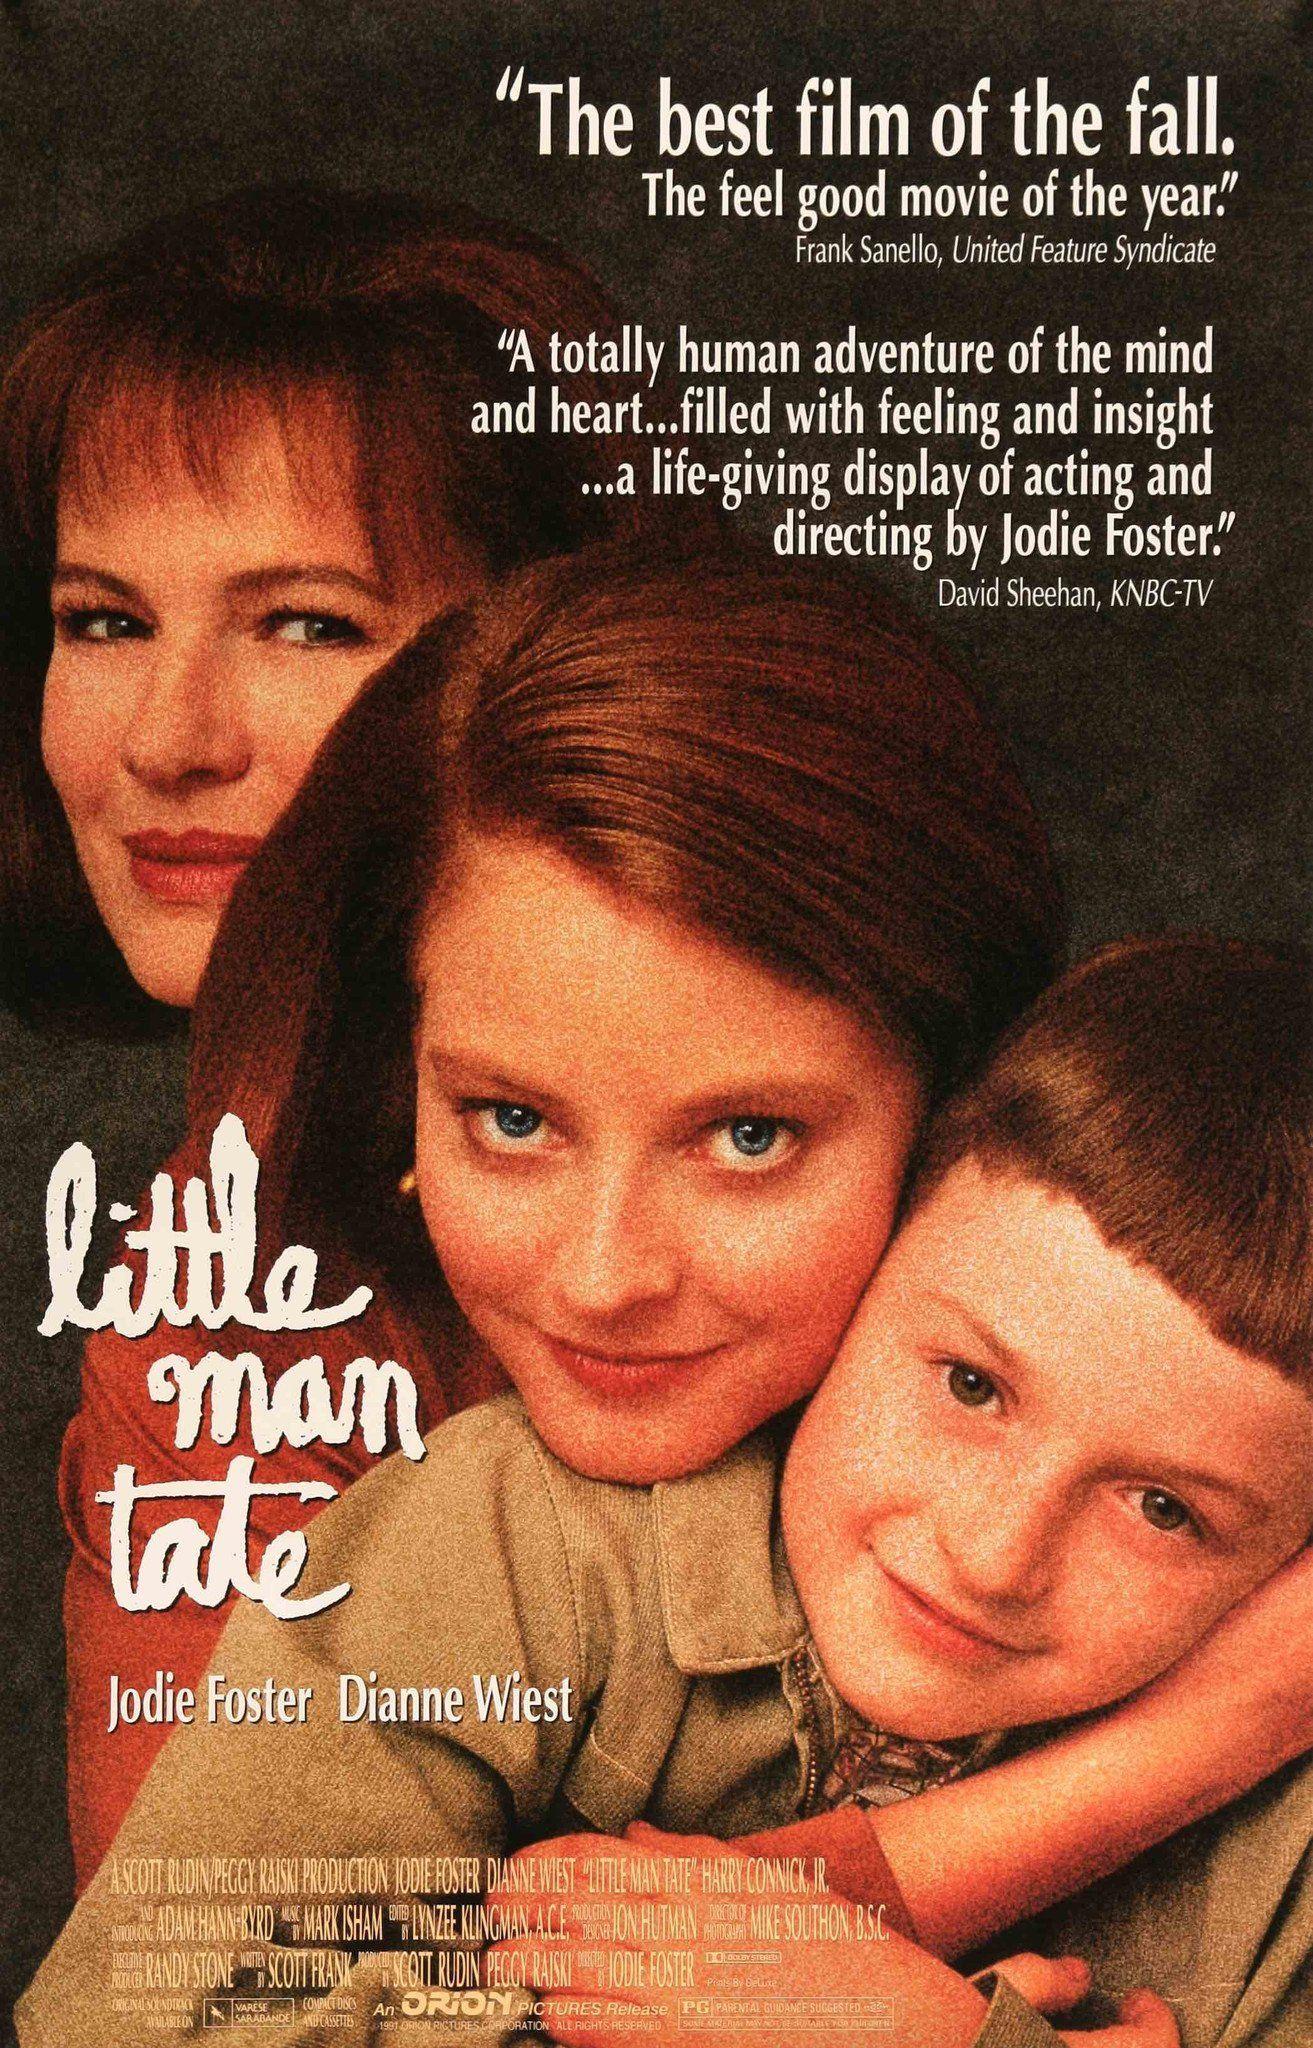 Little man tate 1991 in 2021 jodie foster movie